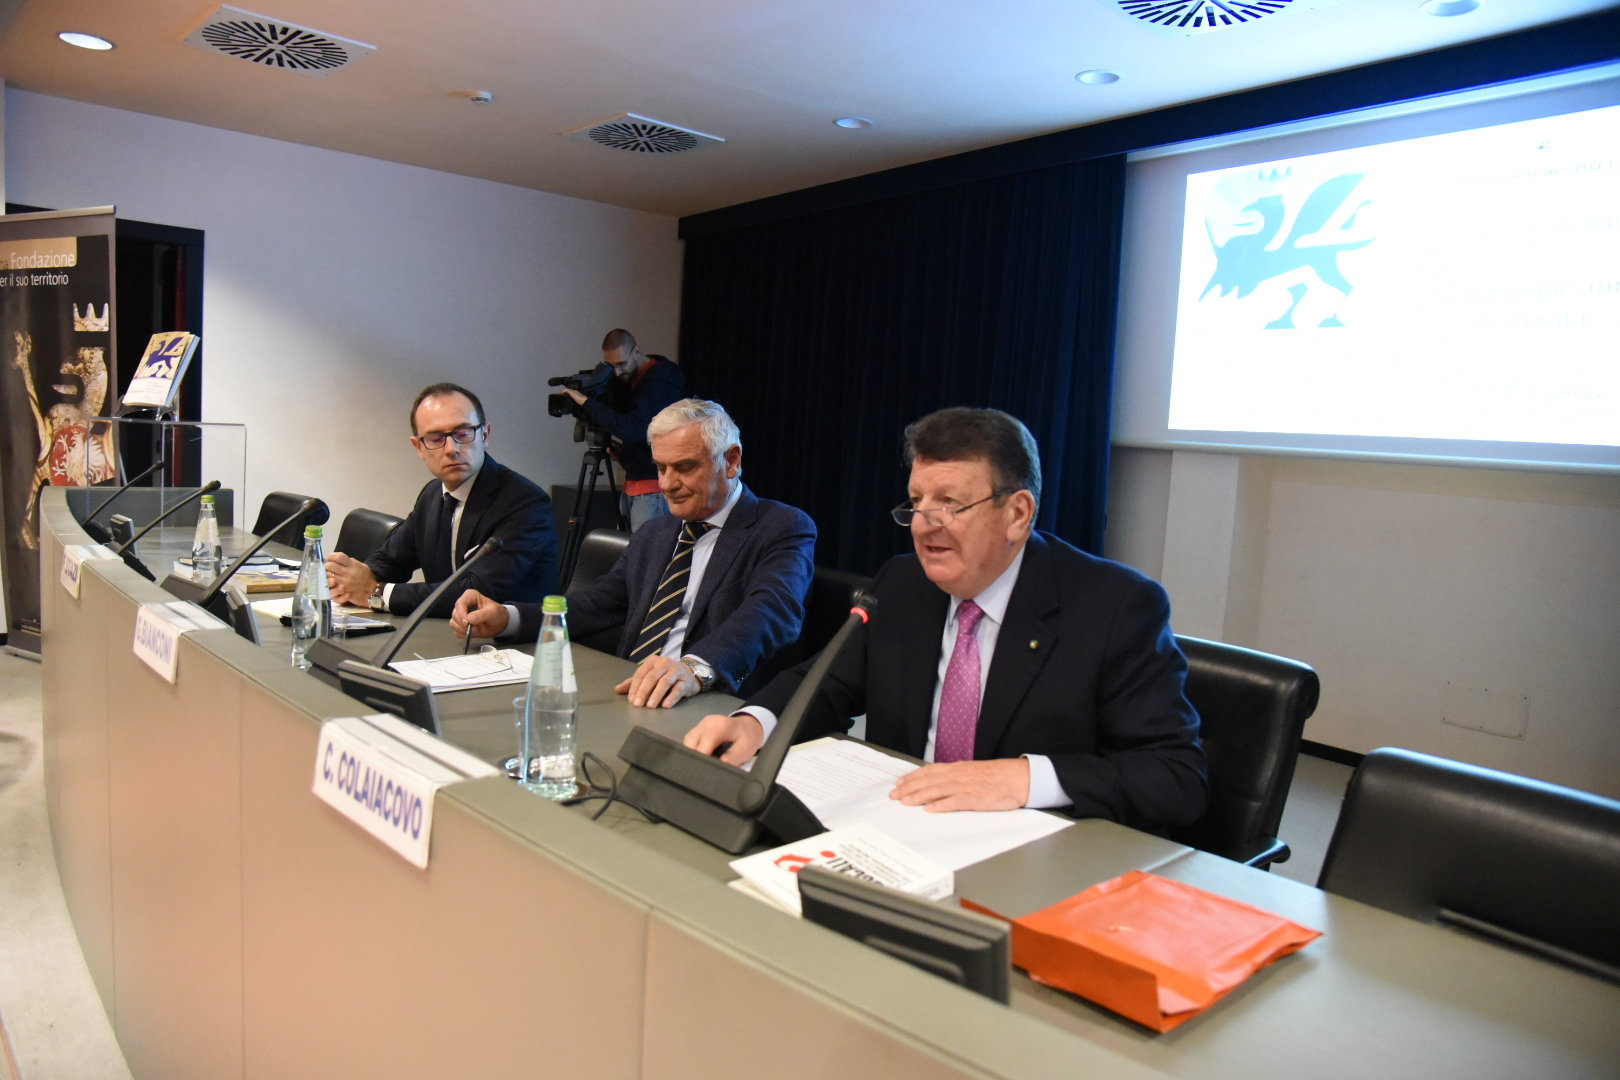 Il segretario Stazi, Il Presidente Bianconi, Il Presidente onorario Colaiacovo